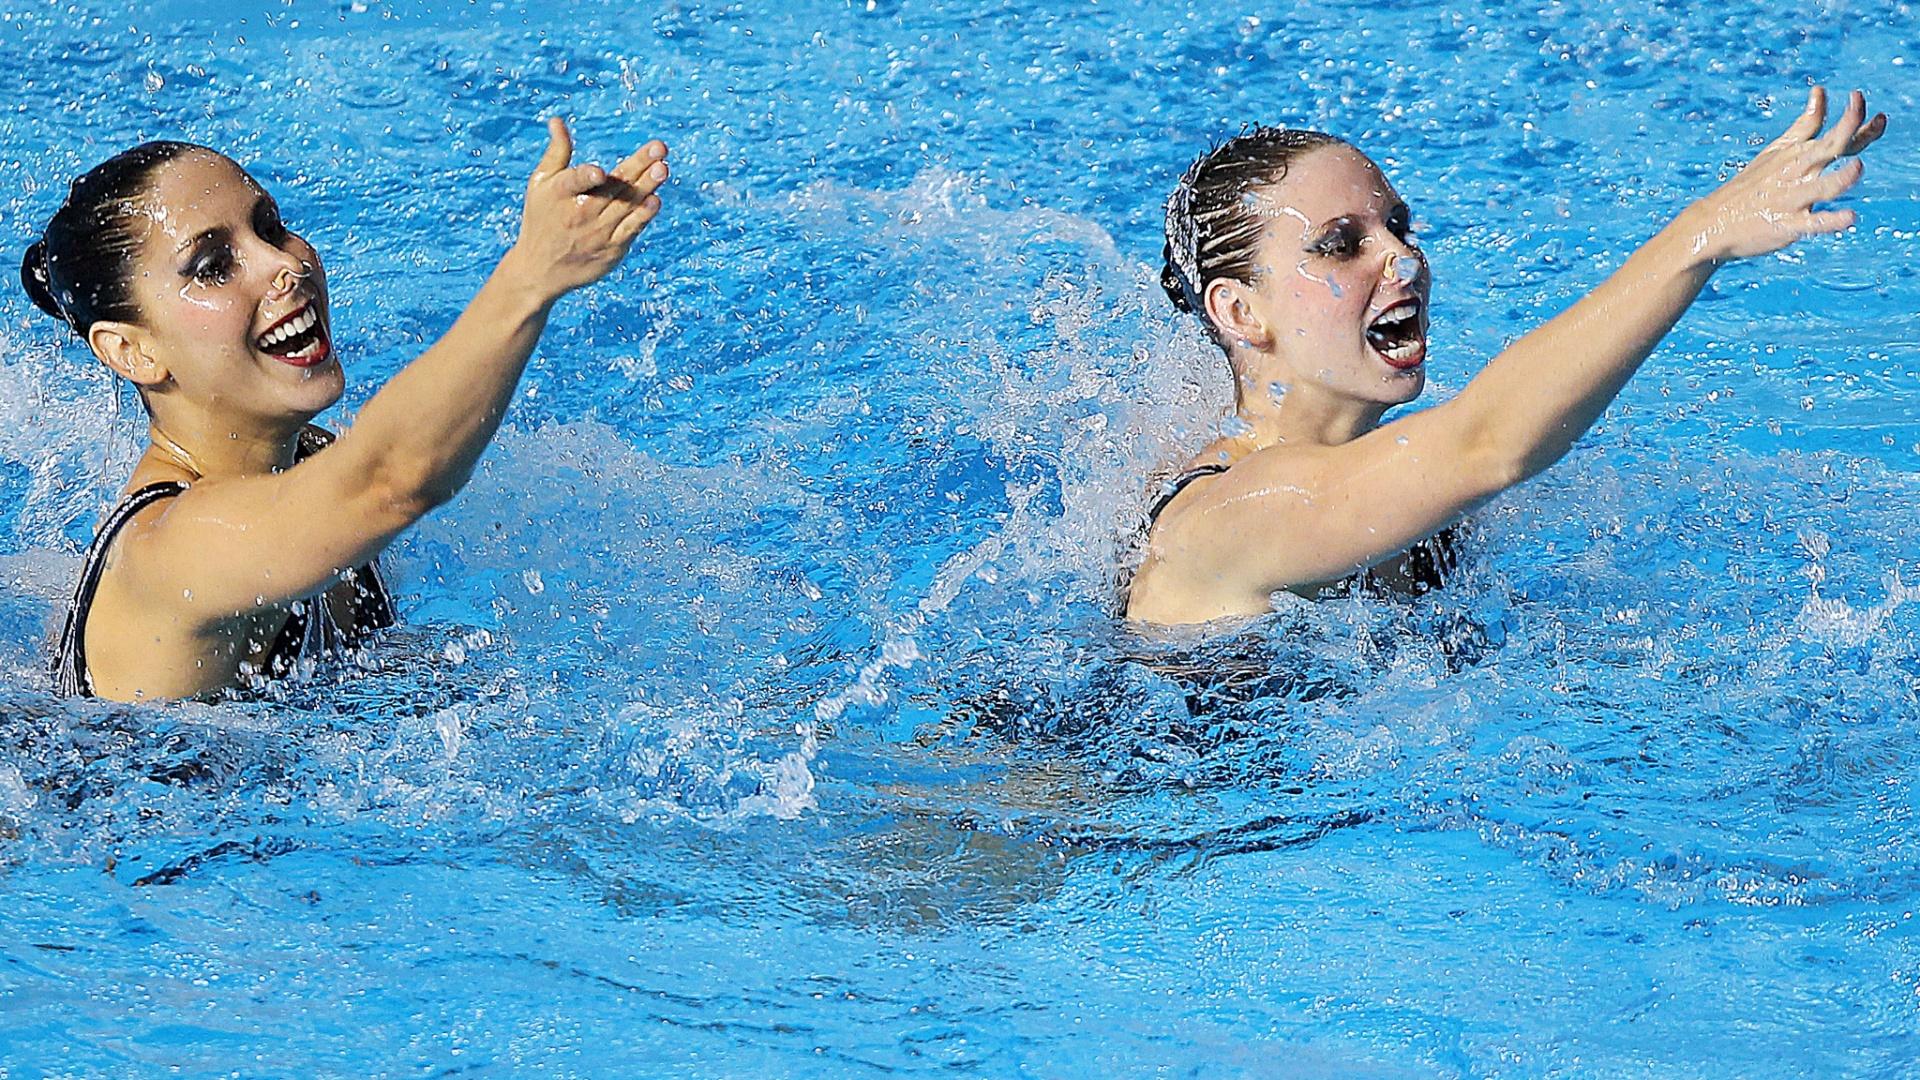 Lara Teixeira e Nayara Figueira receberam dos juízes nota 88,913 na apresentação livre do nado sincronizado (20/10/2011)